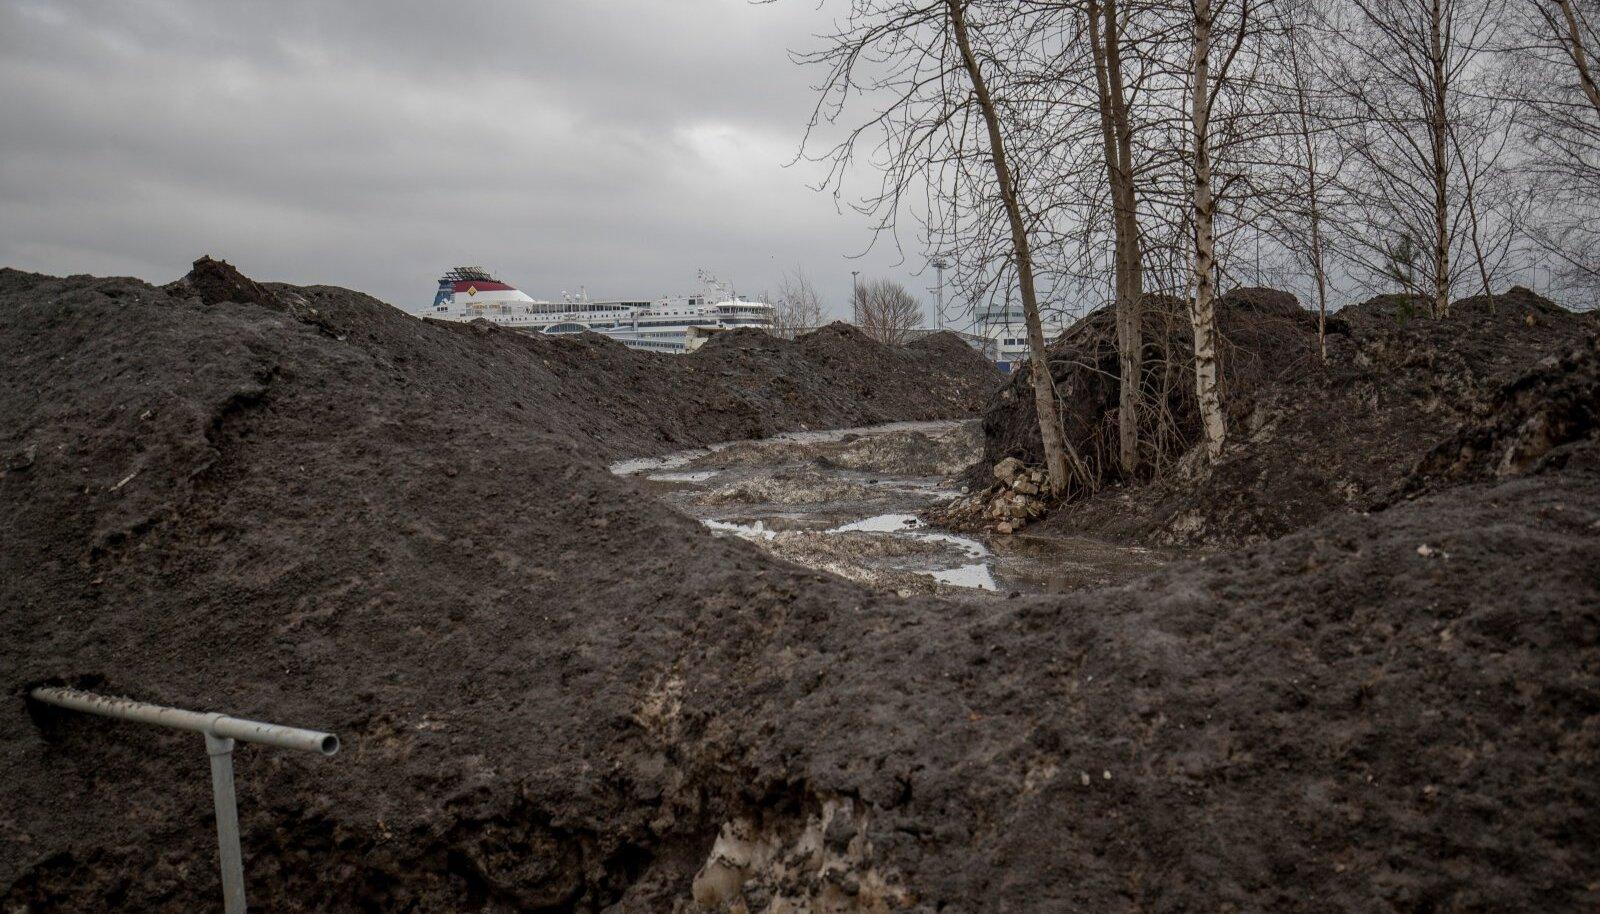 Tänavatelt korjatud lumes on nii raskmetallid, põlemisest tekkinud peenosakesed kui rehvide ja asfaldi kulumise jäägid.